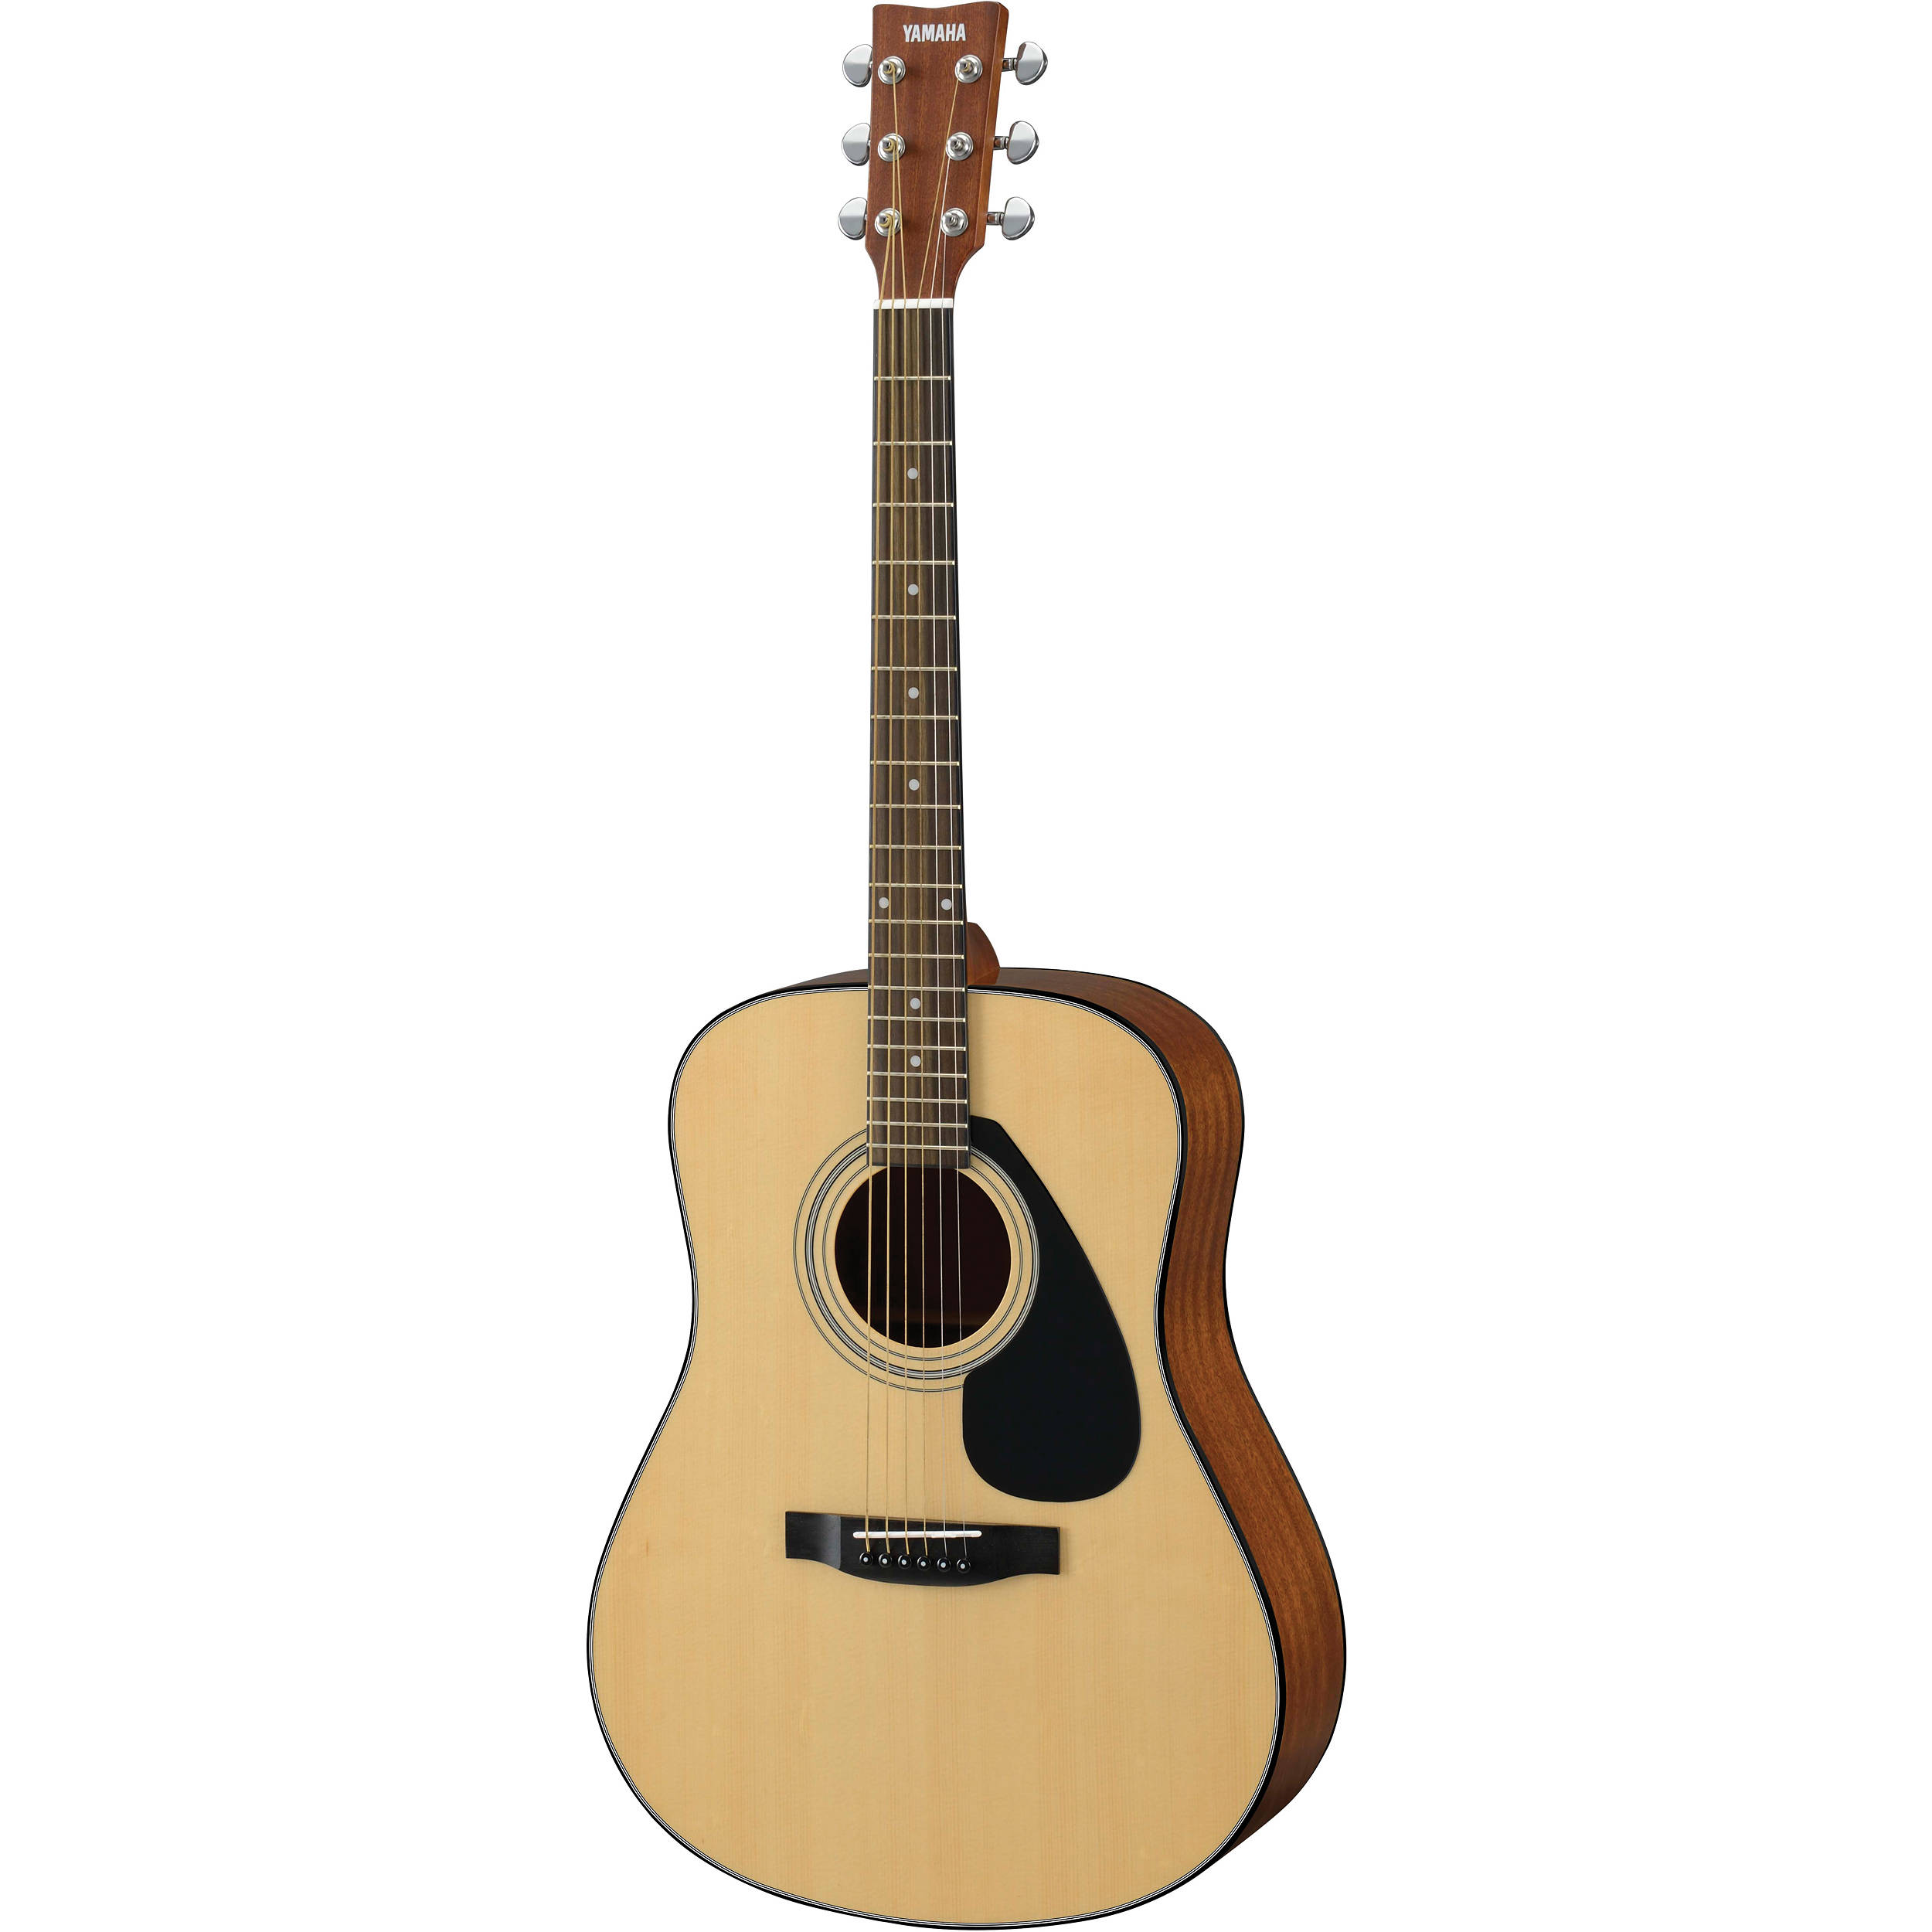 Yamaha Yamaha F325D Acoustic Guitar (Natural) F325D B&H Photo